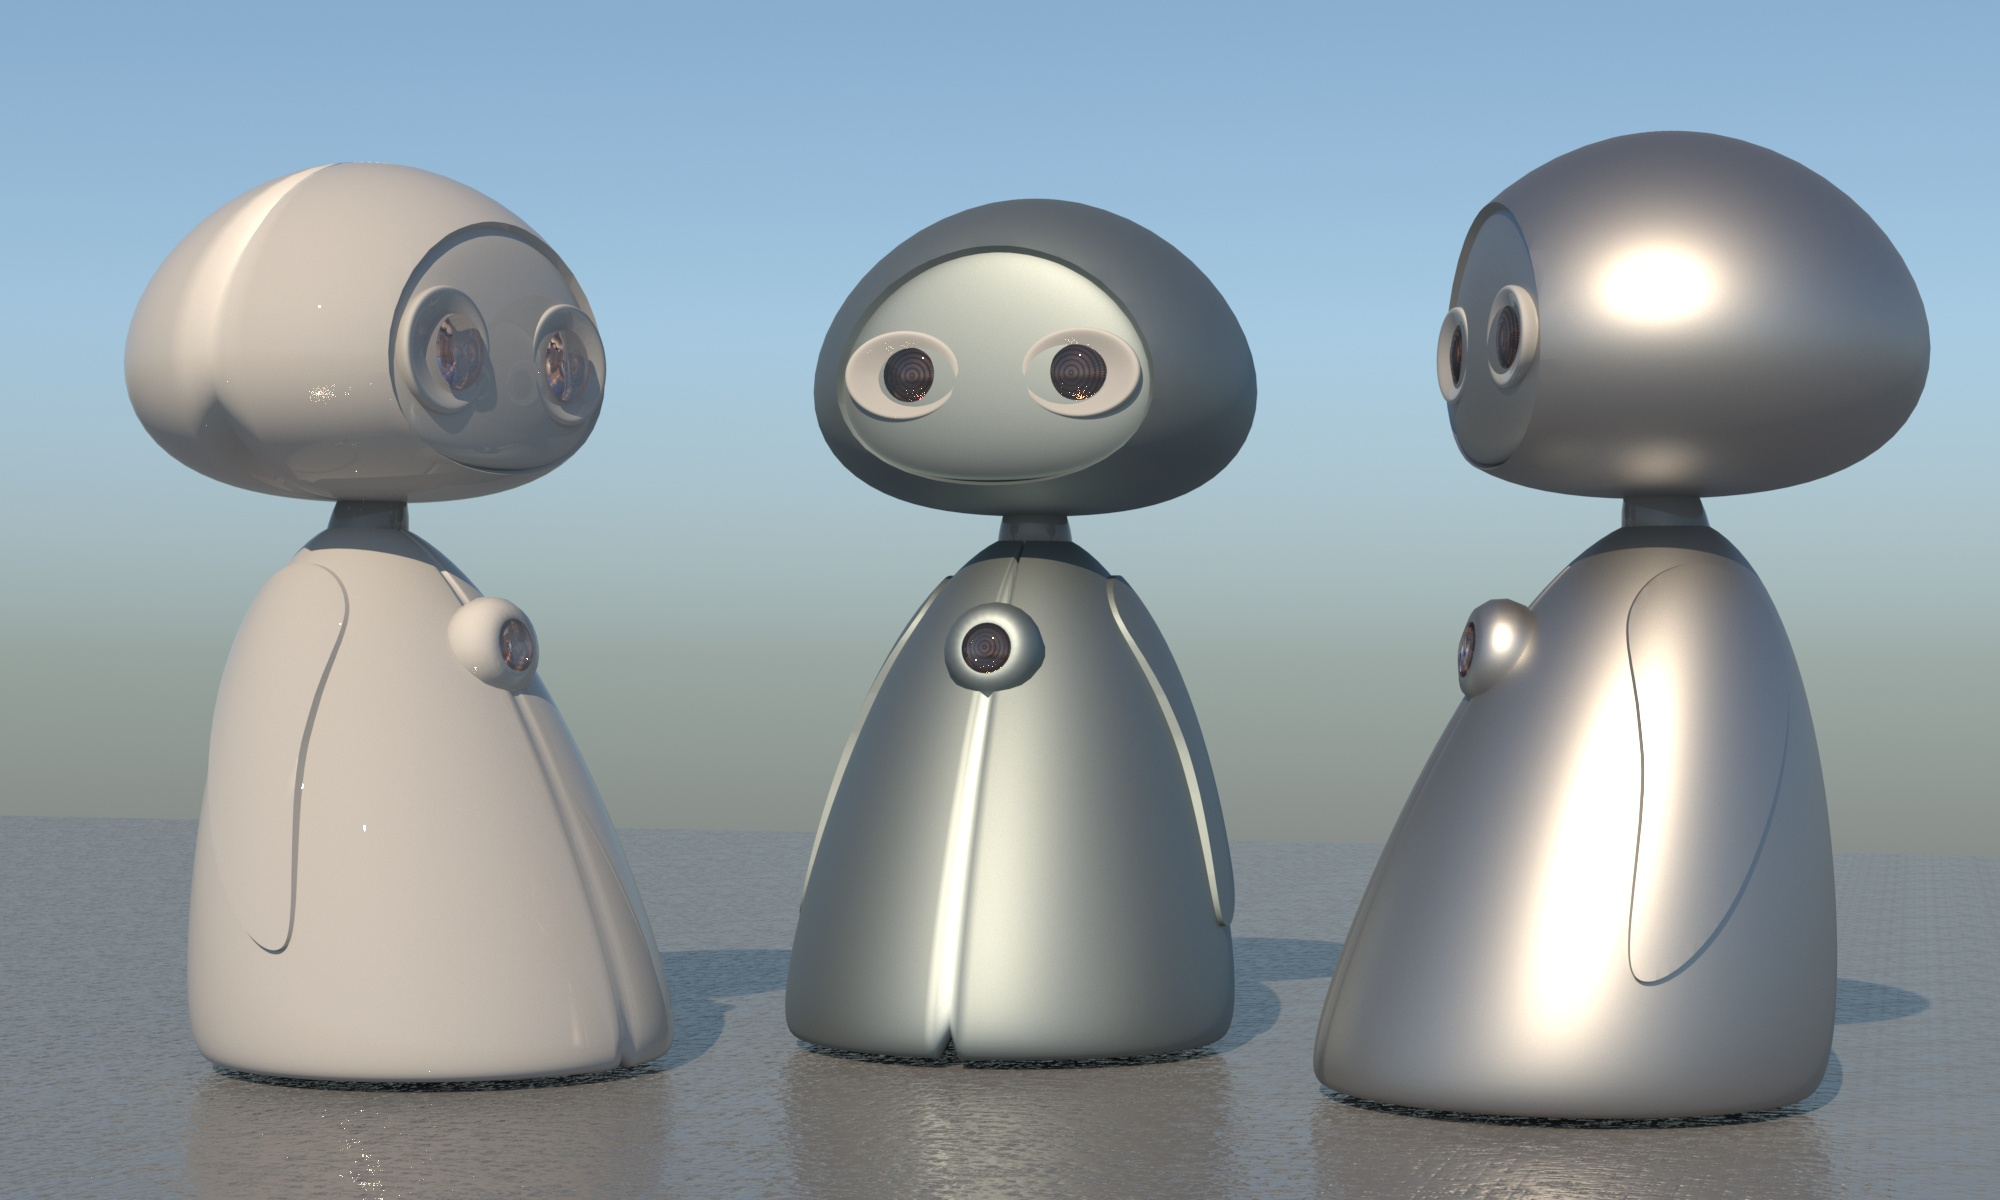 Конкурс на разработку дизайна детского домашнего робота. фото f_6945a7f24fe0eef7.jpg